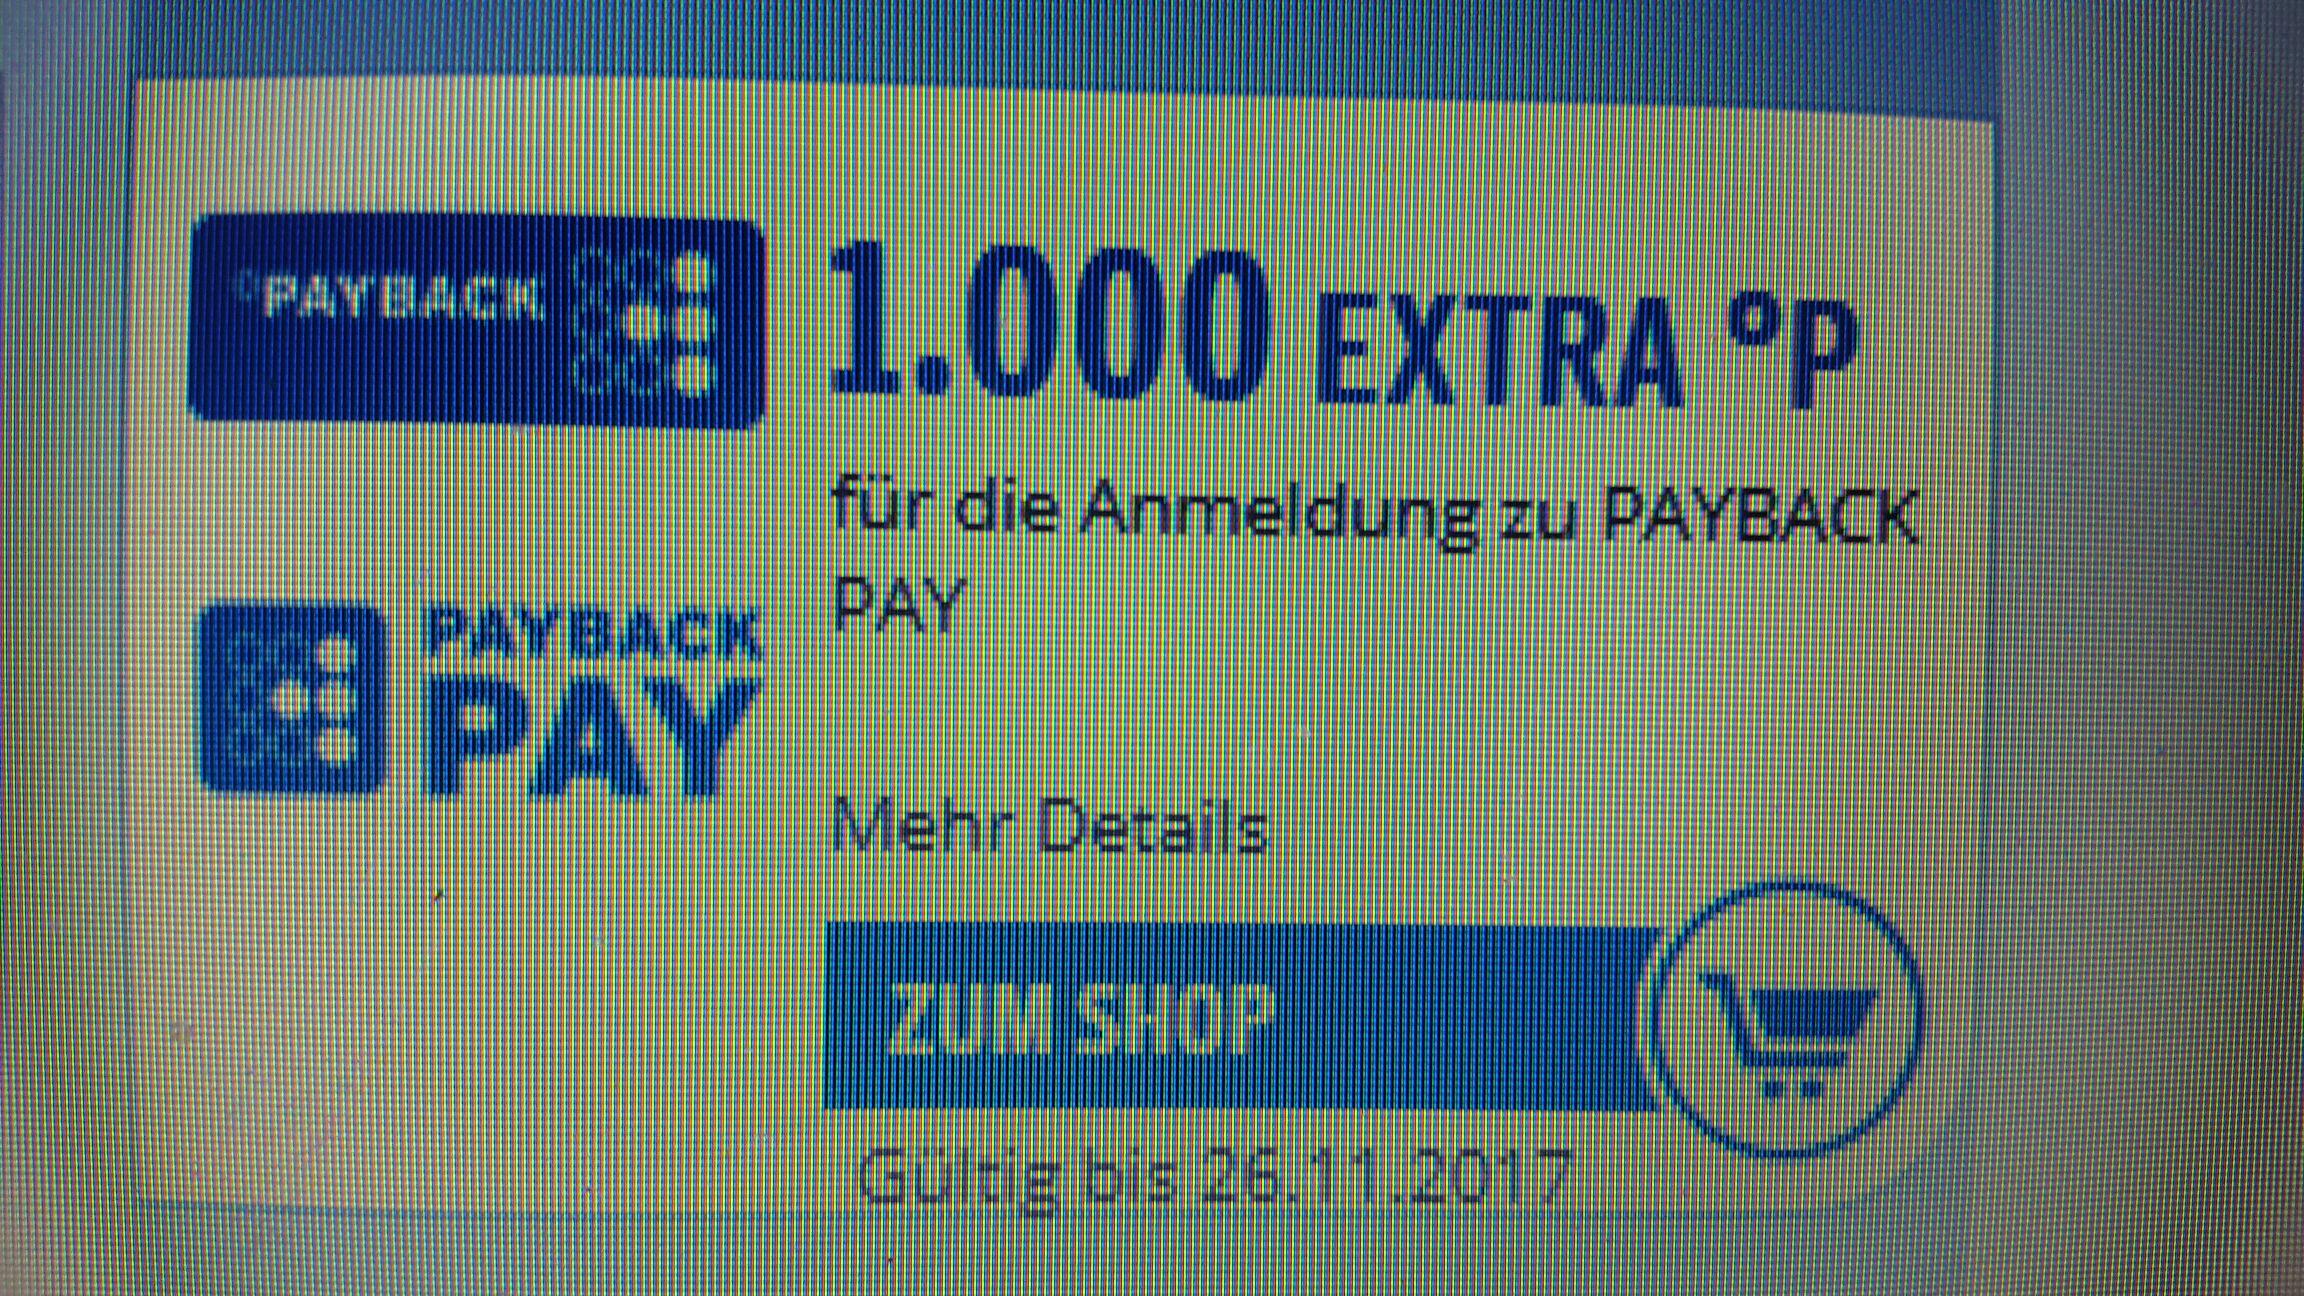 1.000 payback Punkte (=10€) Extra für die Anmeldung zu payback pay *evtl nicht für alle Nutzer*